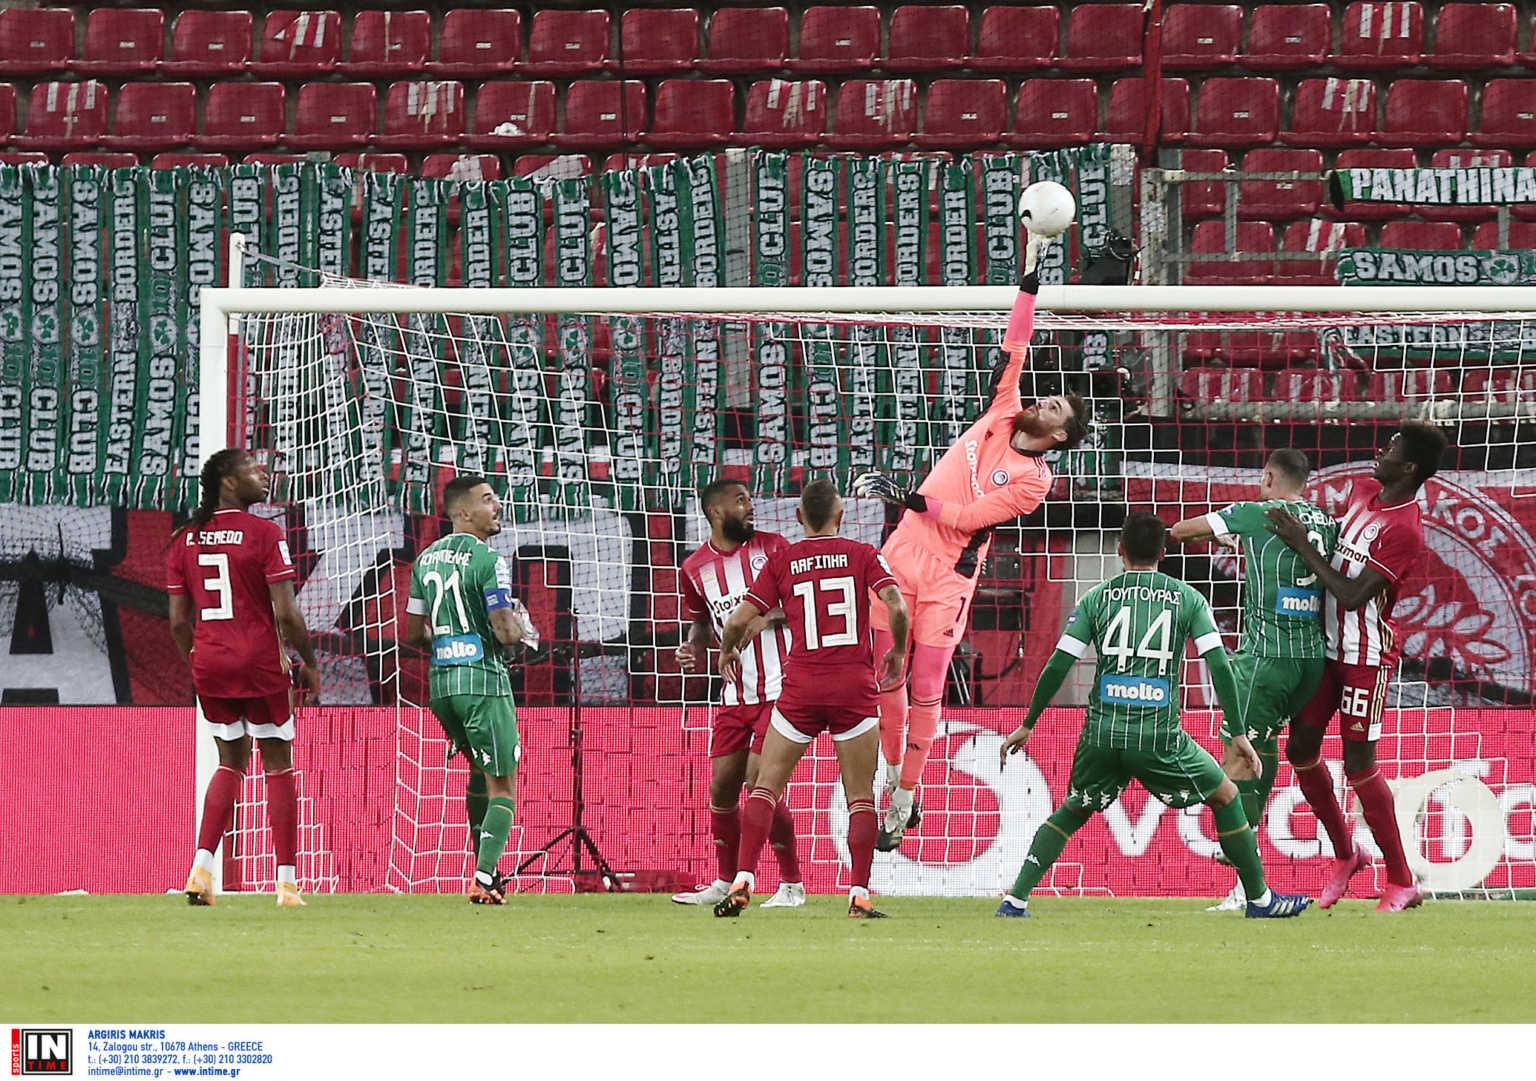 Ολυμπιακός - Παναθηναϊκός: Γκολάρα Φορτούνη με το αριστερό και 1-0!